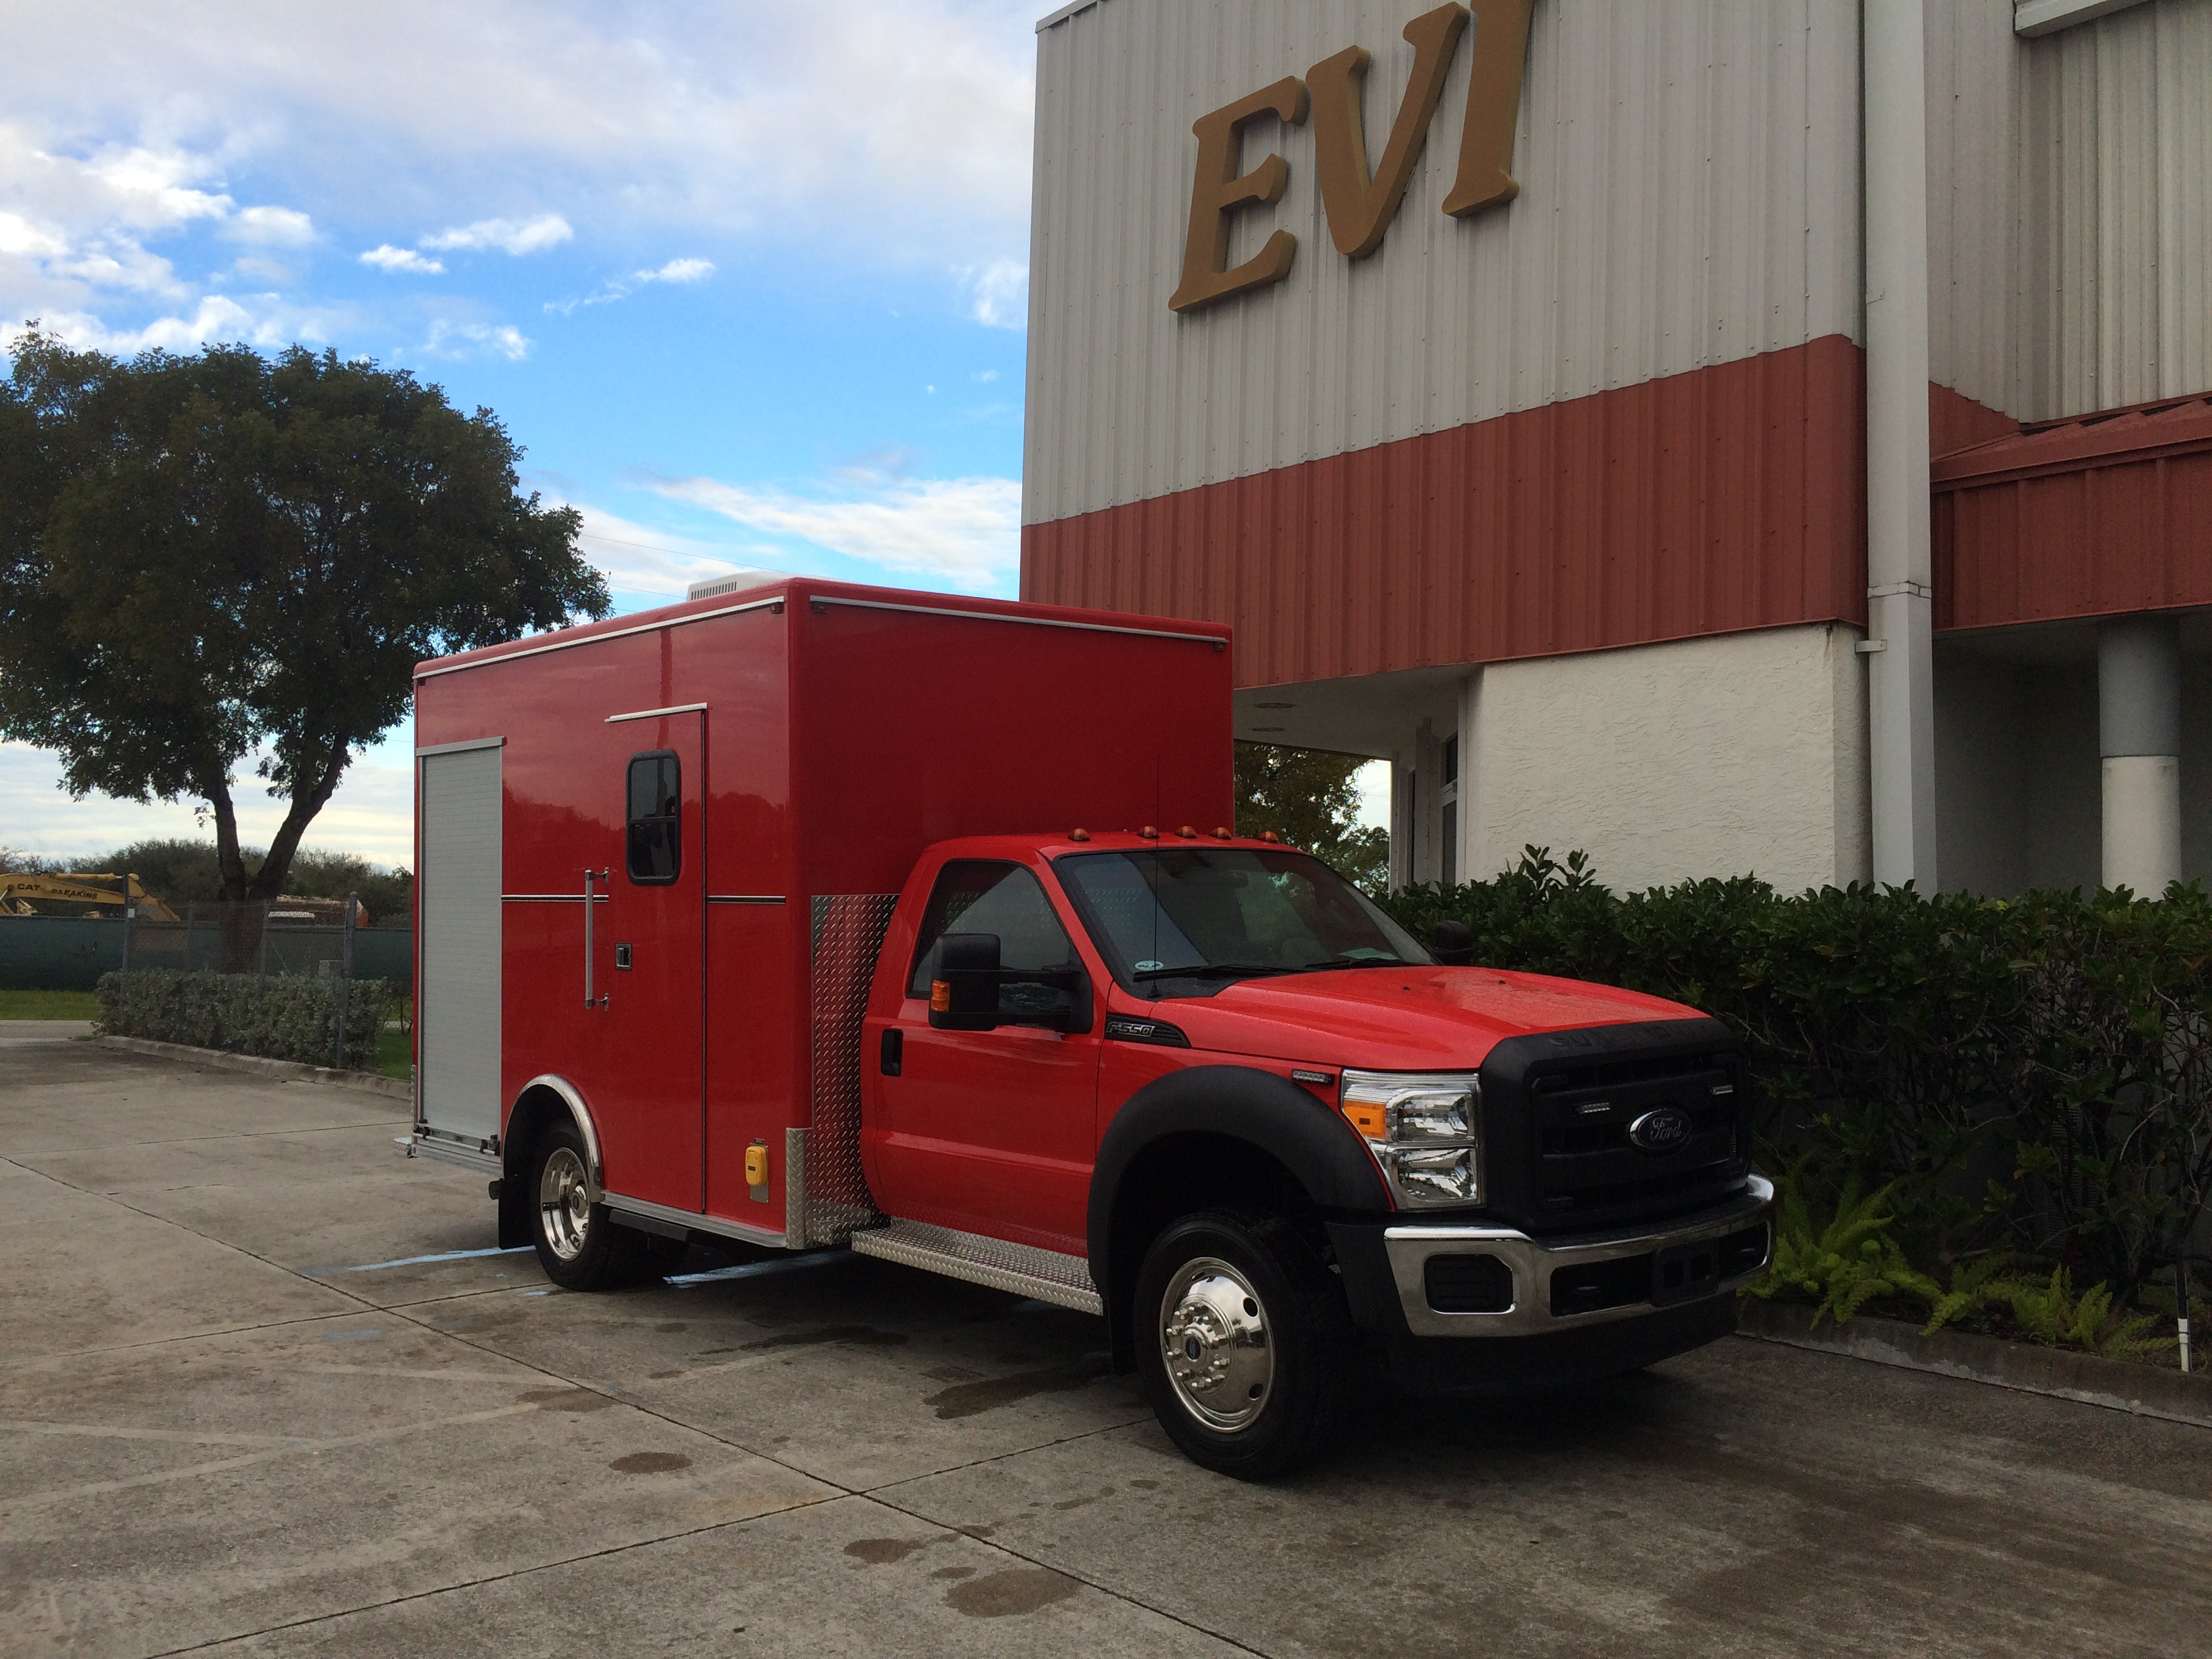 12-Ft. Walk-in Custom Rescue Truck